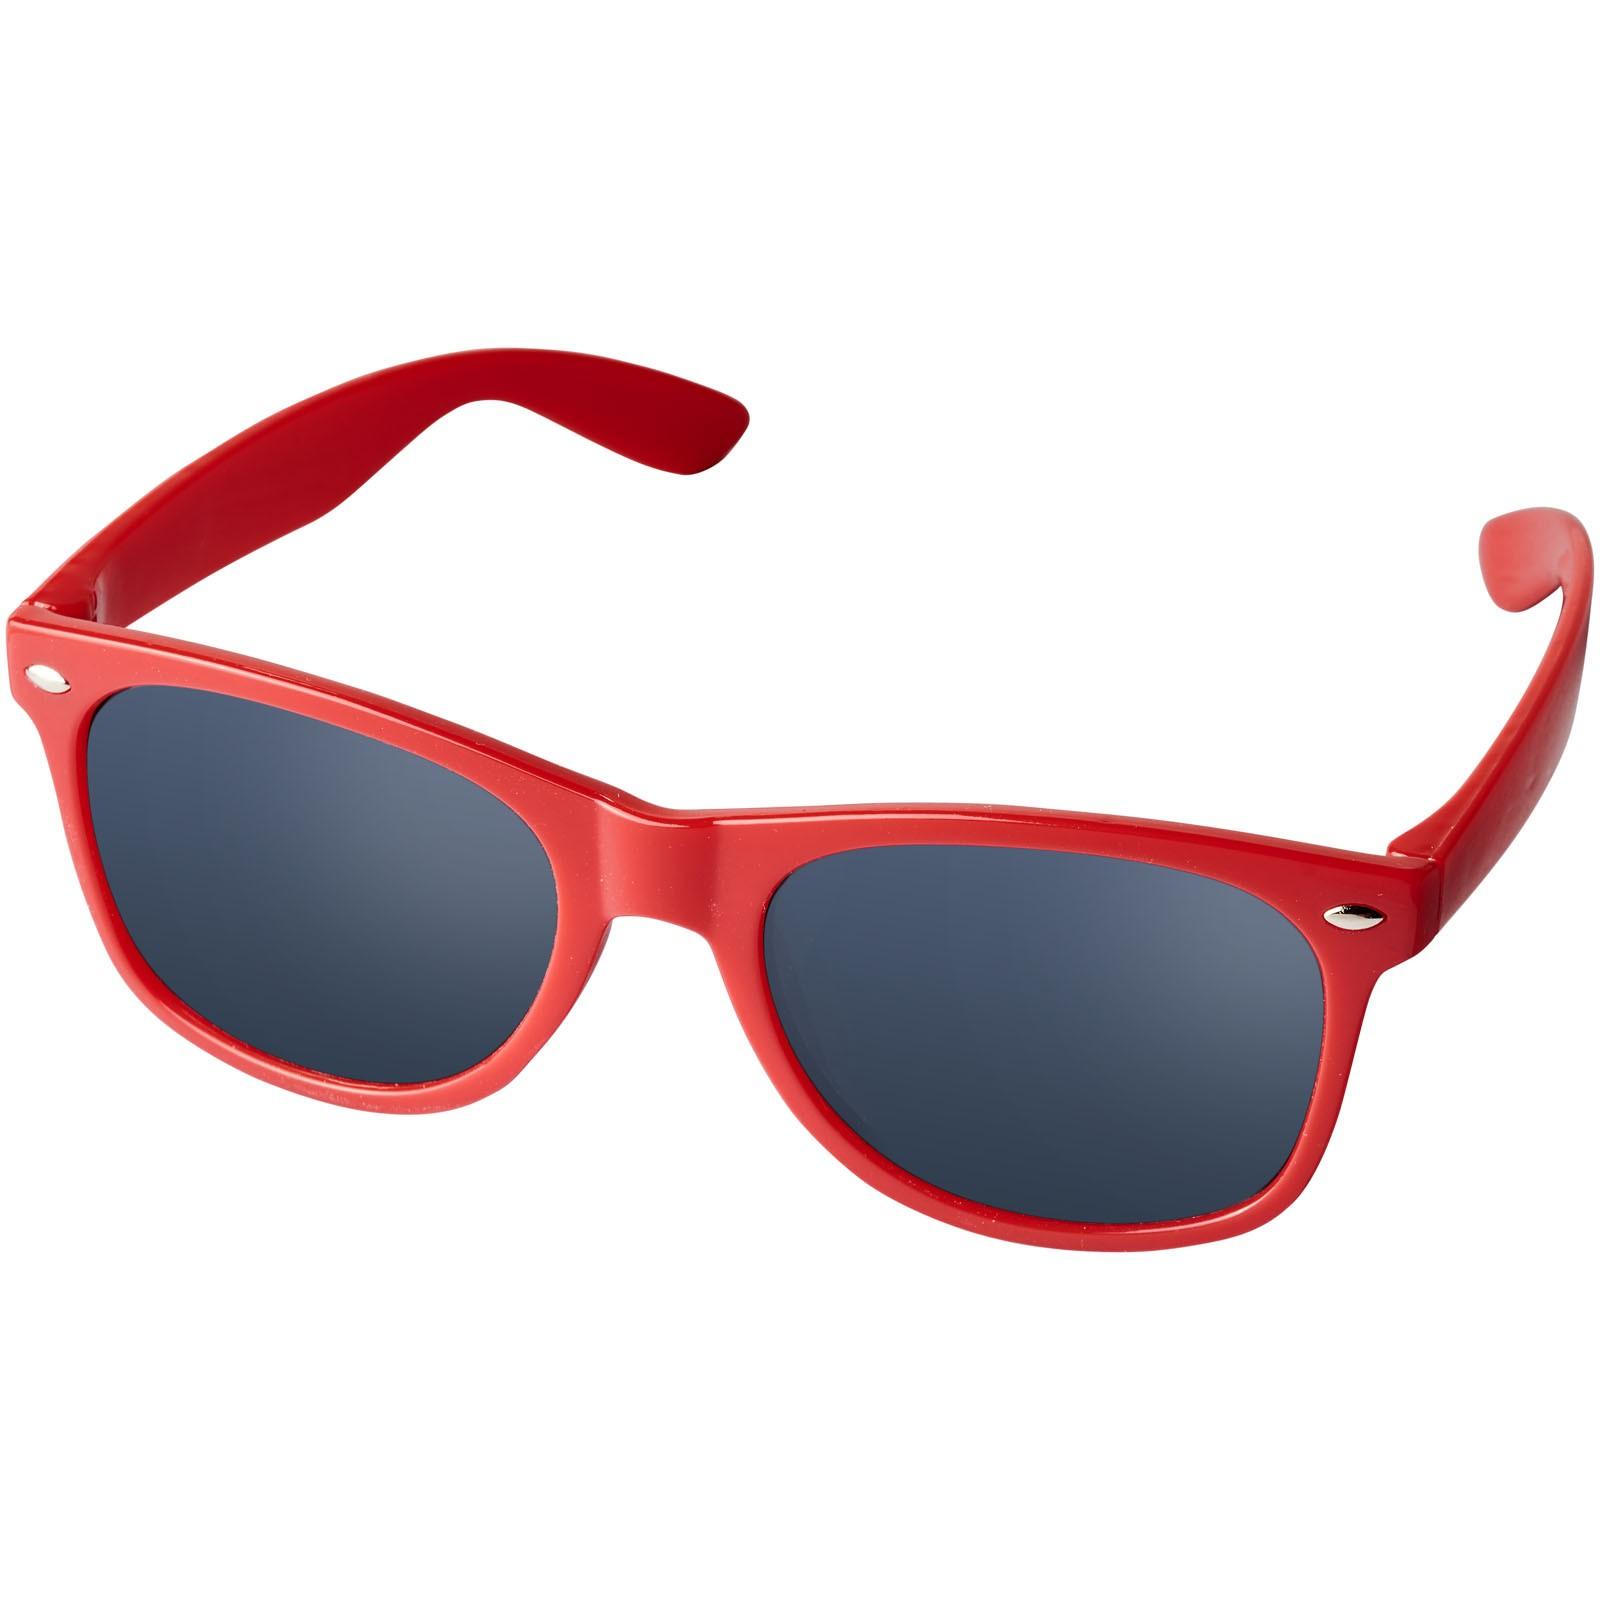 Okulary przeciwsłoneczne Sun Ray dla dzieci - Czerwony